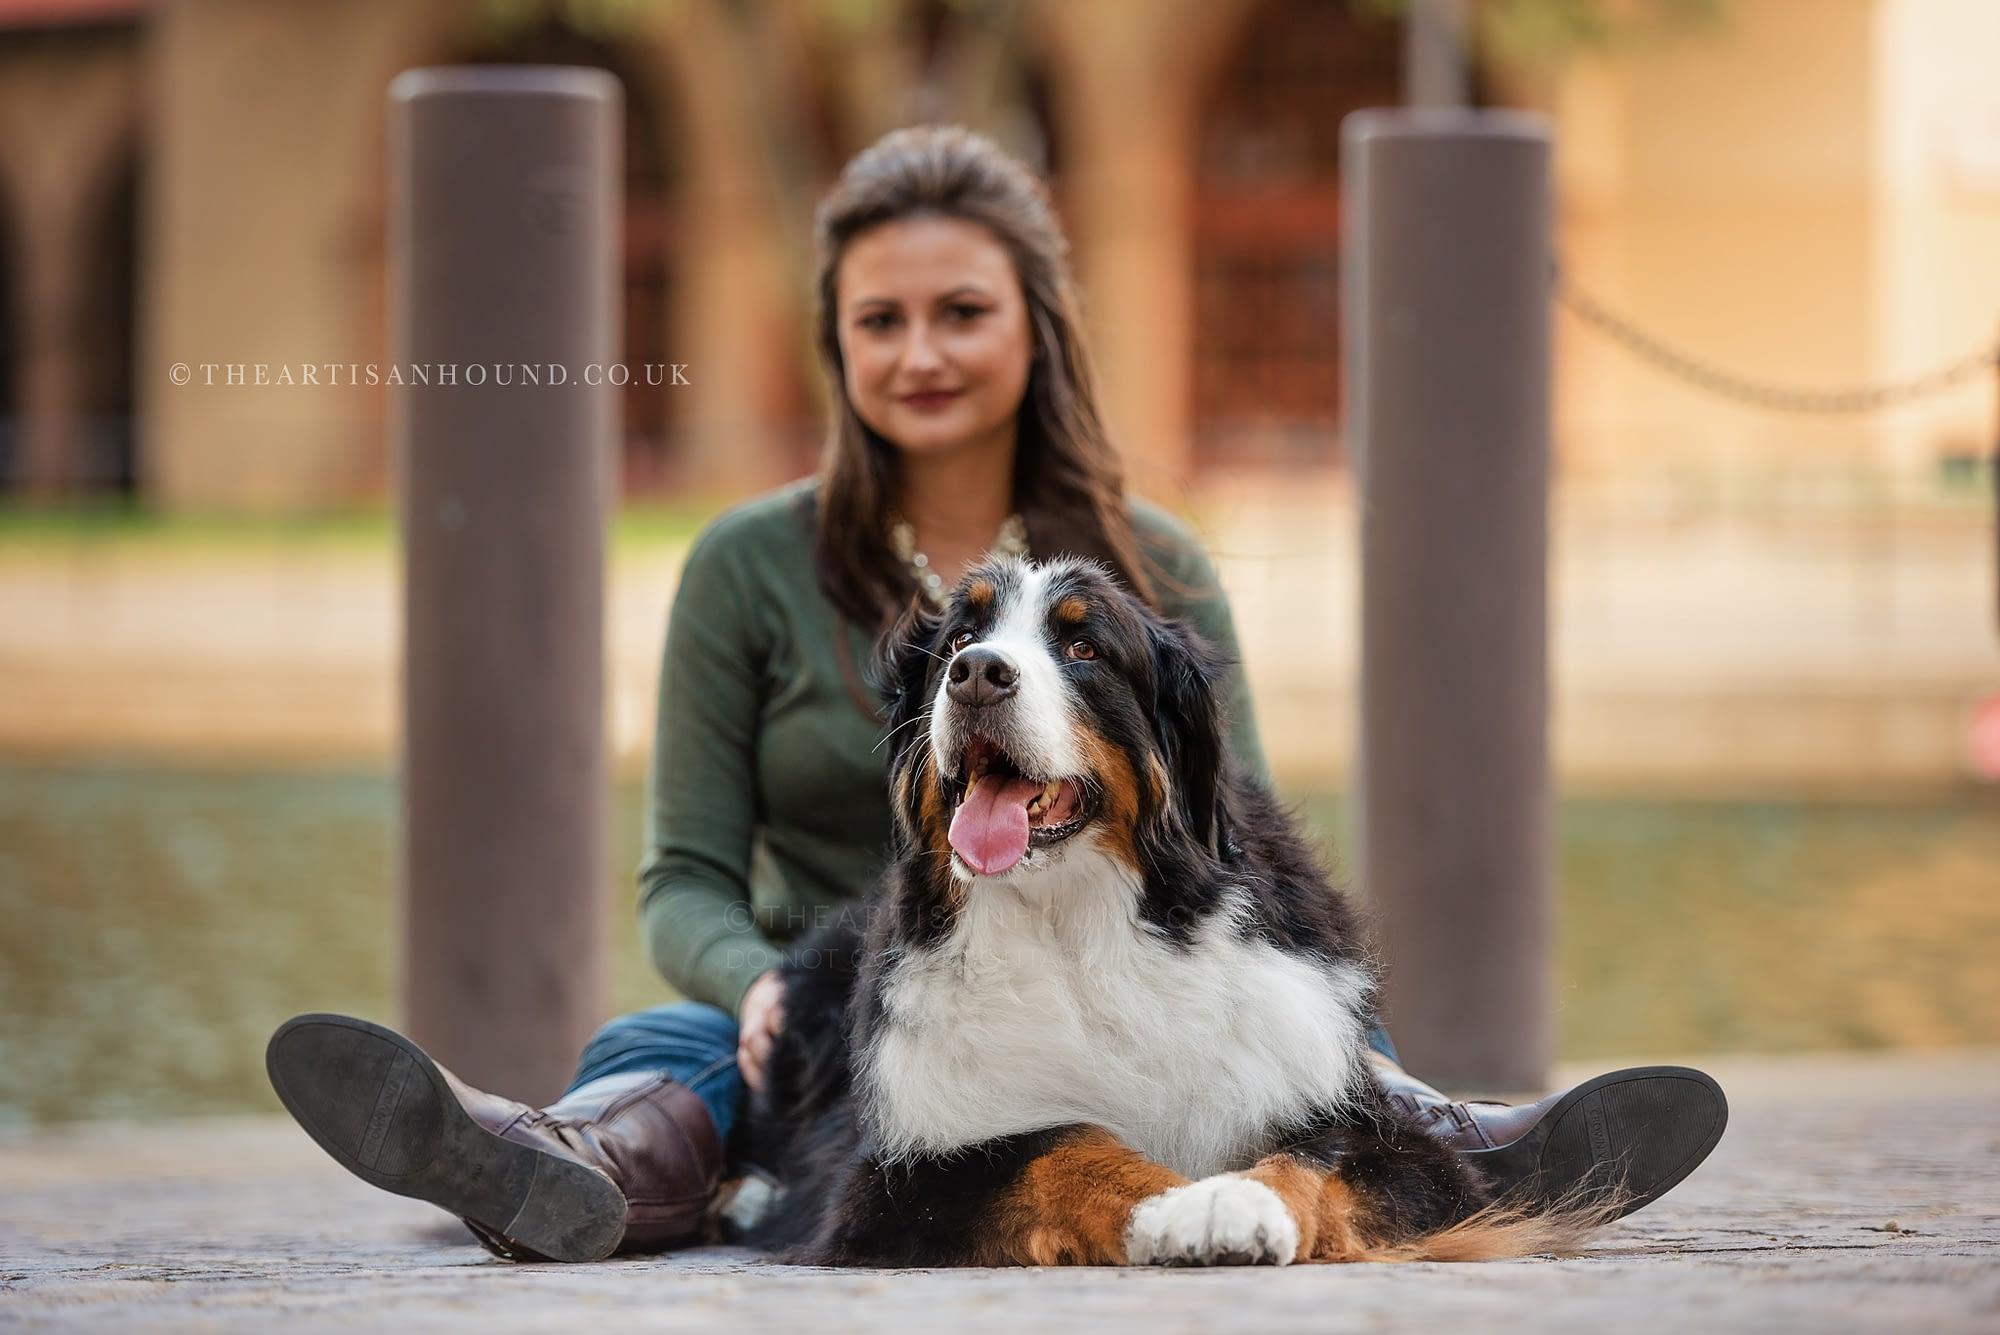 Dog sitting on floor between owners legs